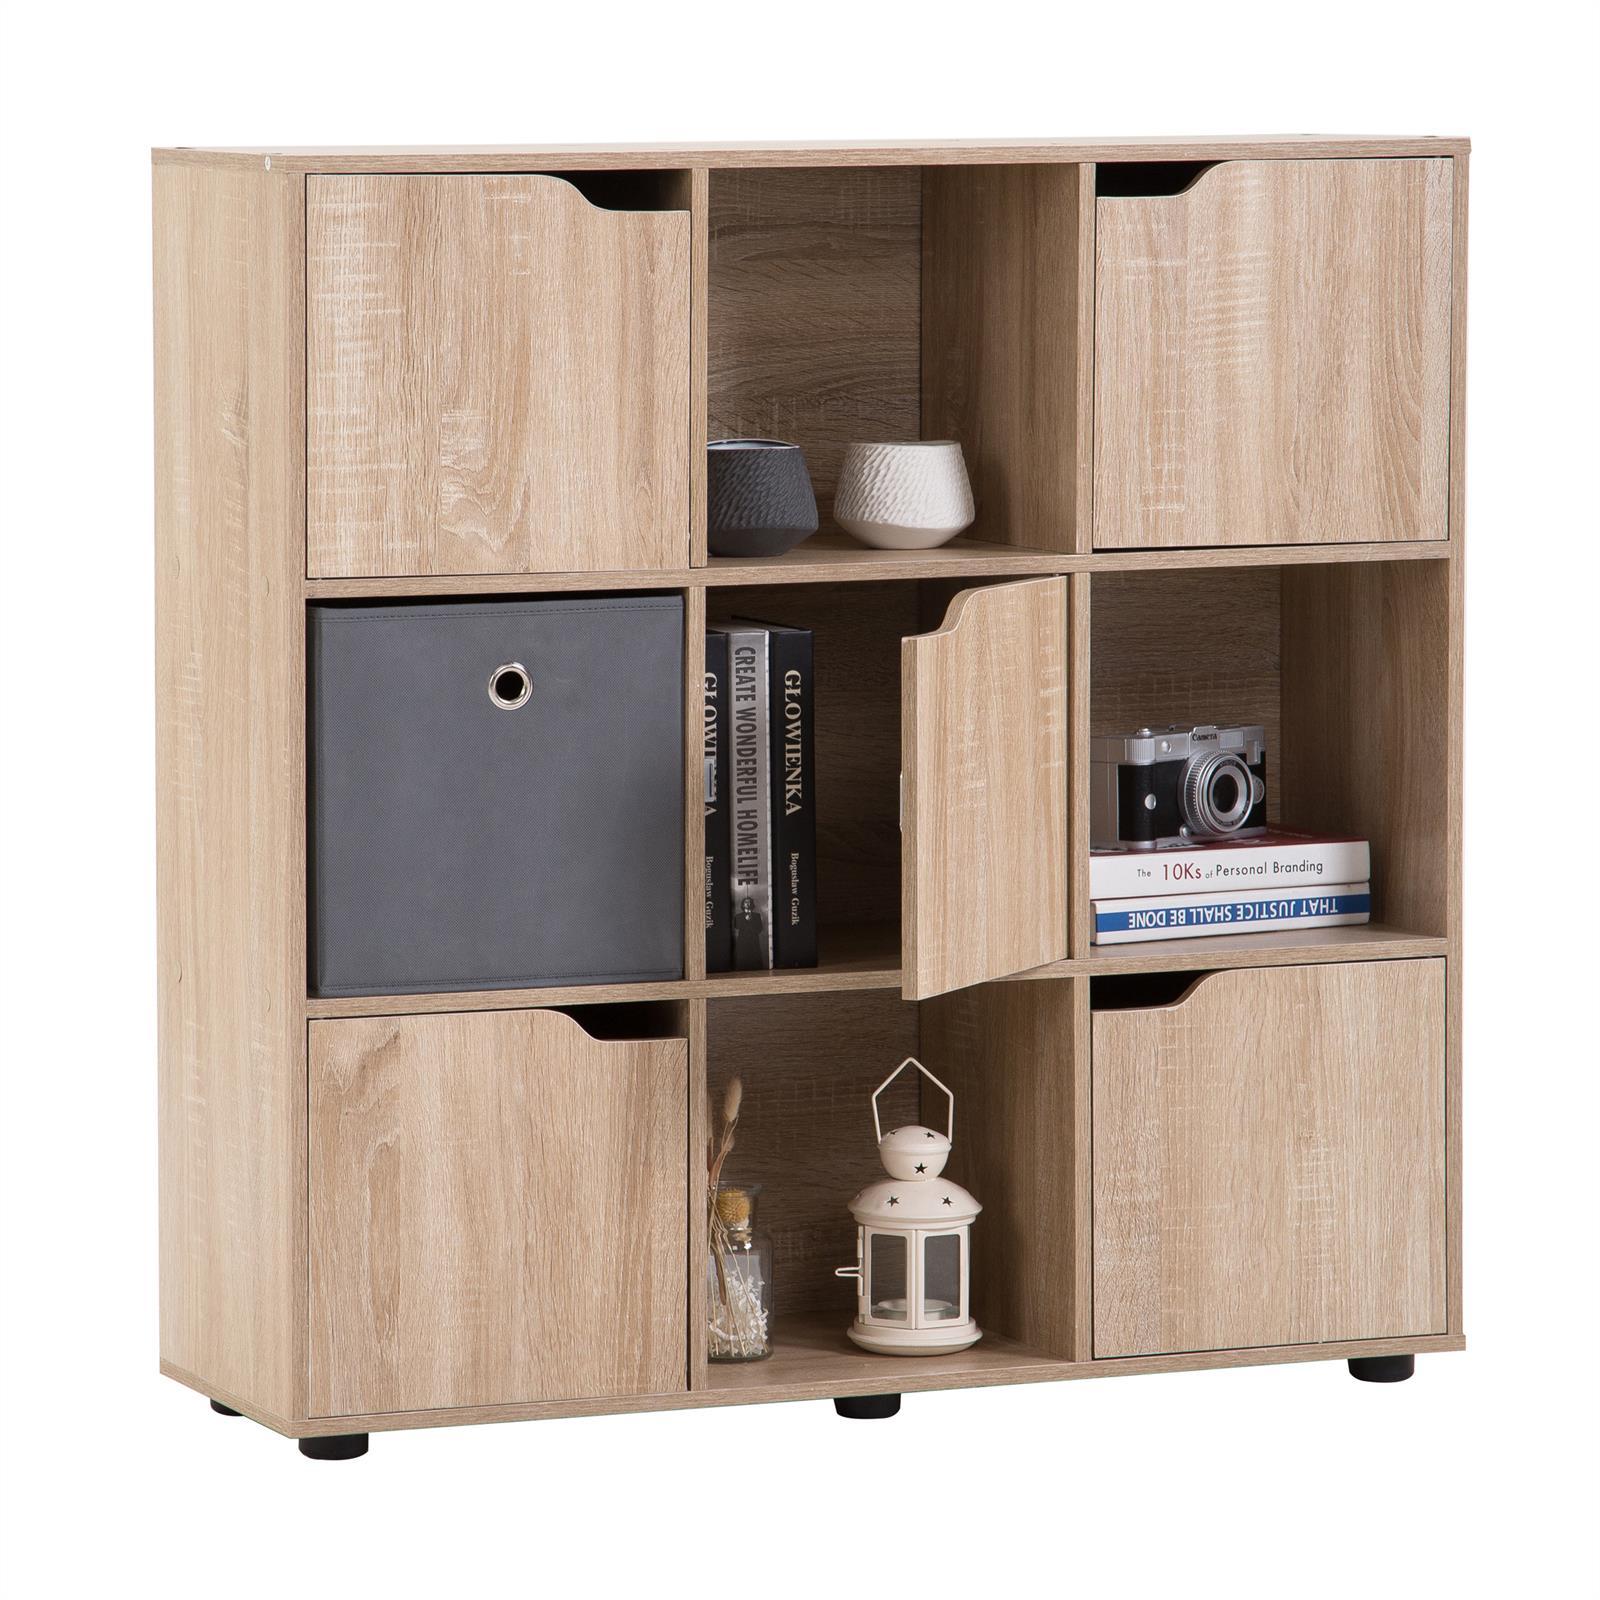 Bücherregal Raumteiler Trenner Schrank Regalwürfel mit Türen in 2 ...